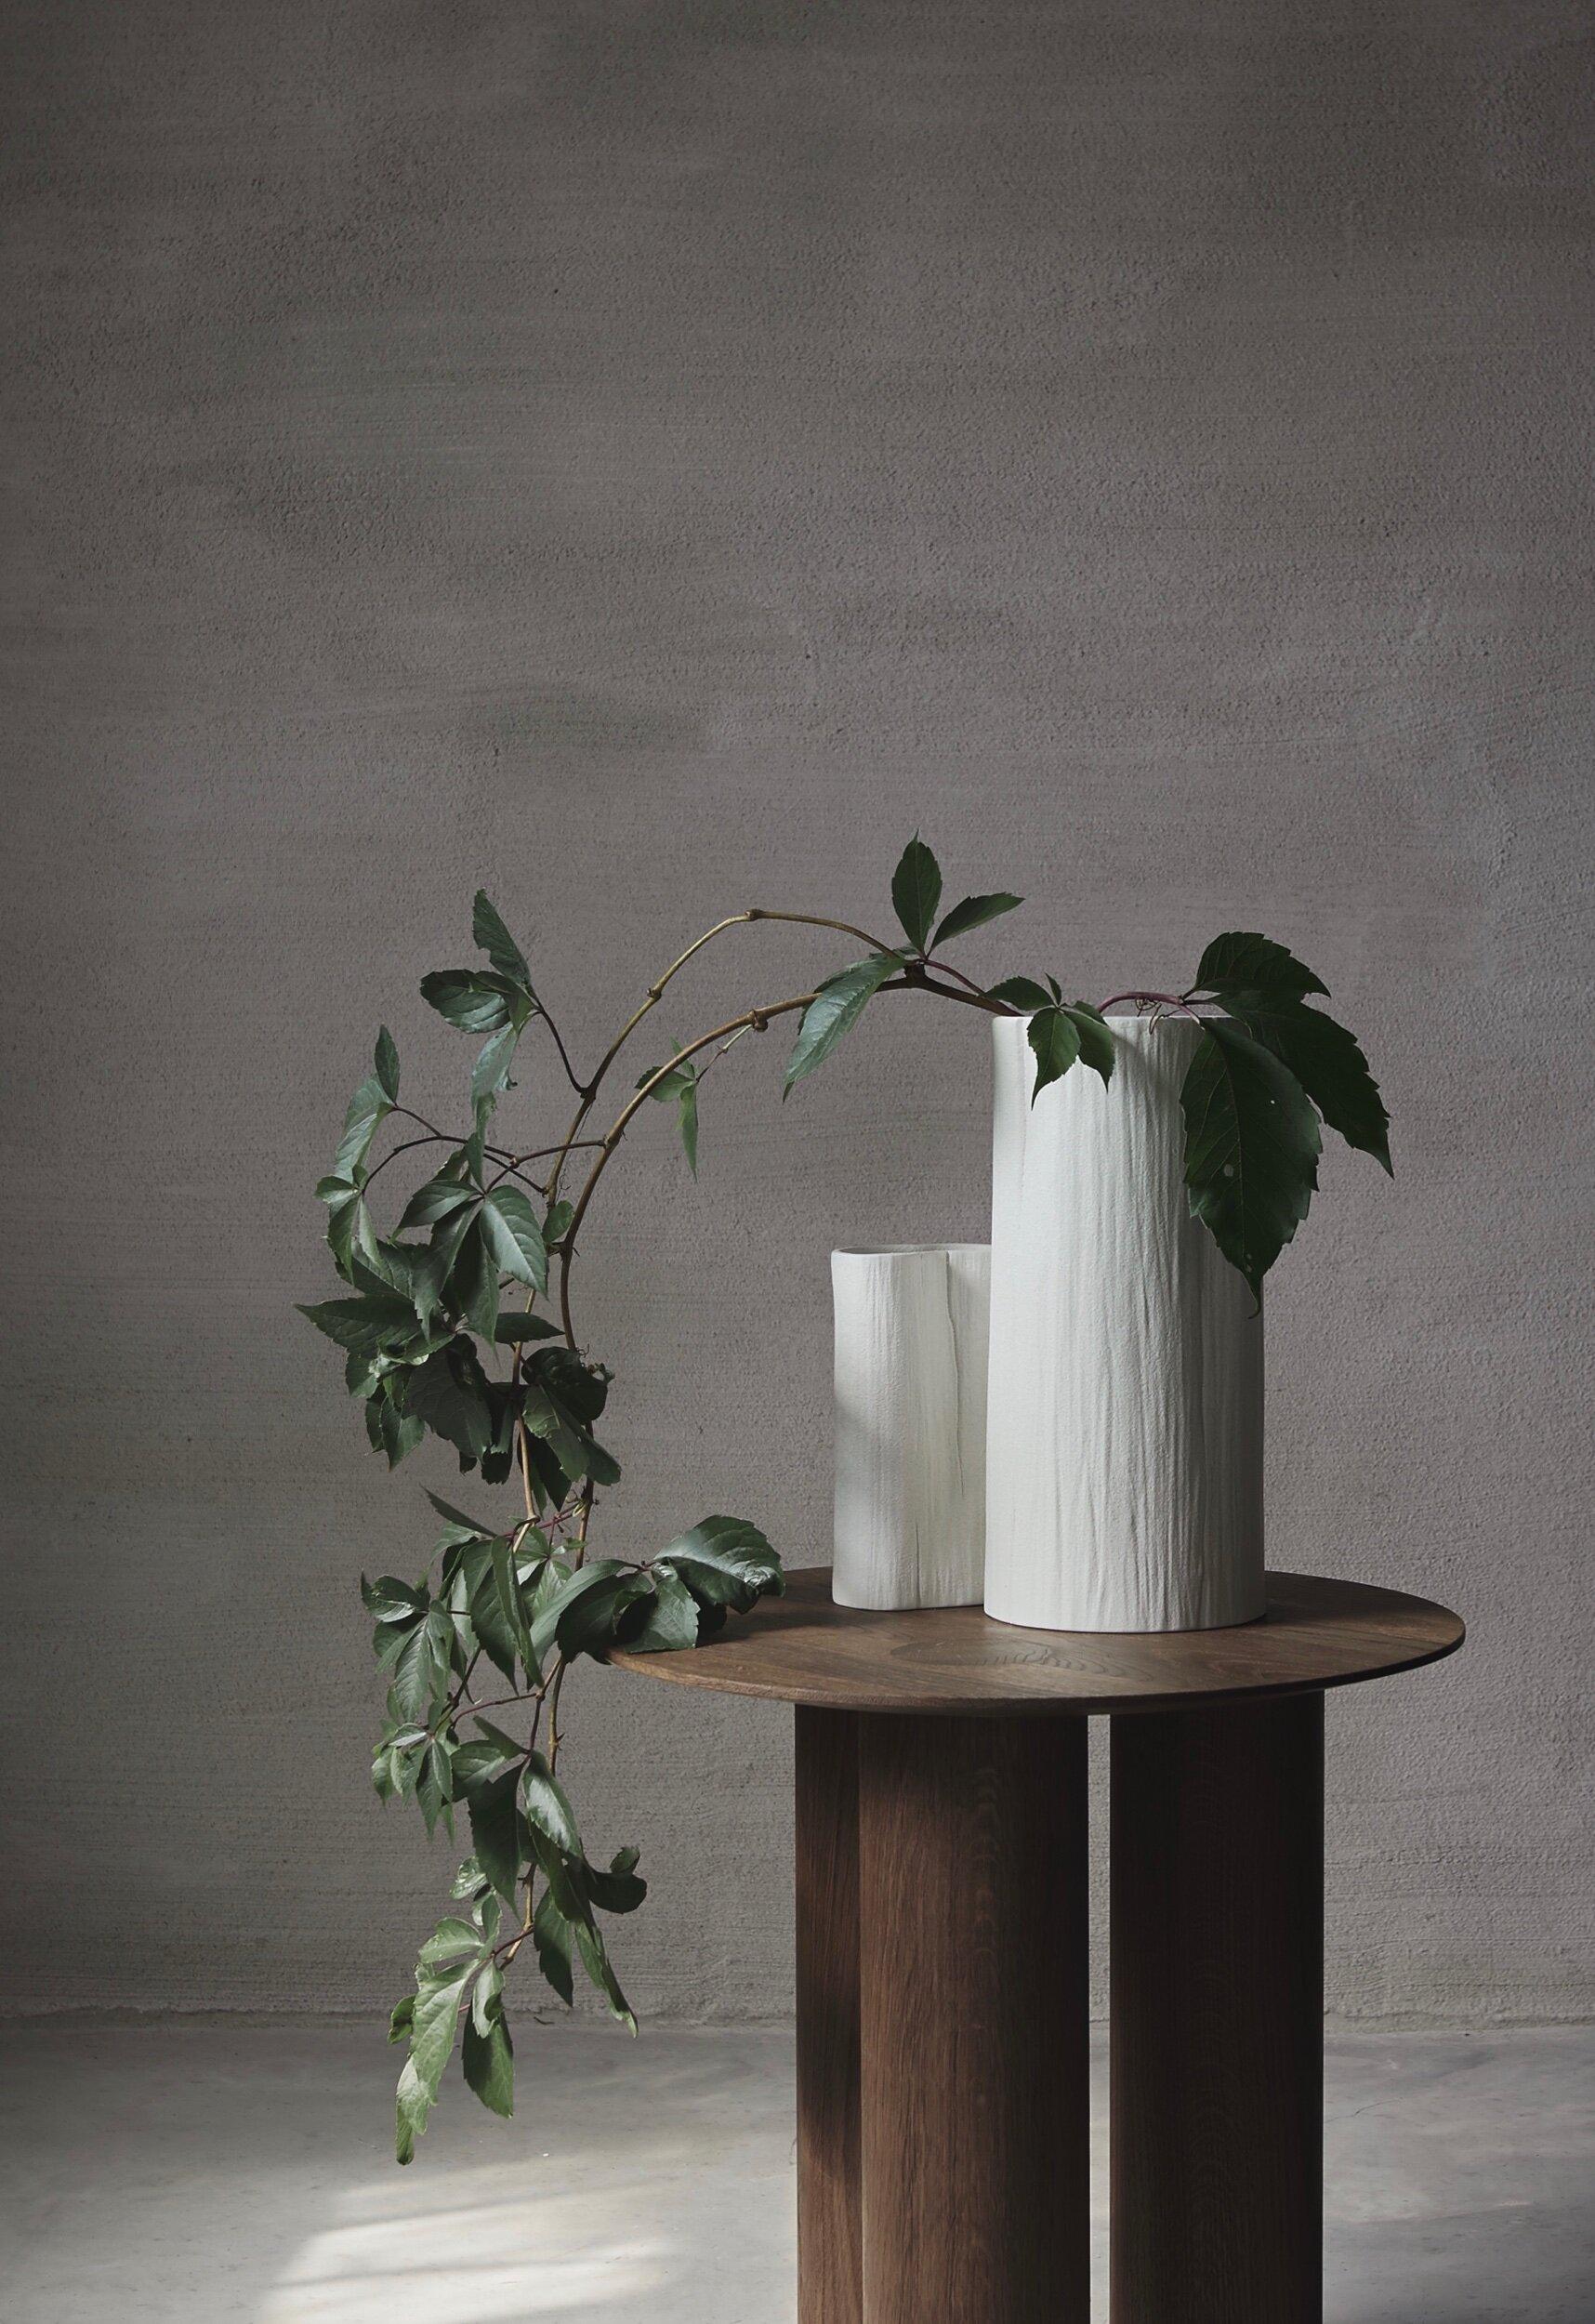 STAM är namnet på kollektionen som innehåller 5 vaser i en vit och en sandfärgad nyans. Till dessa har jag även formgett en ljusstake som kommer lanseras i tre olika kulörer.